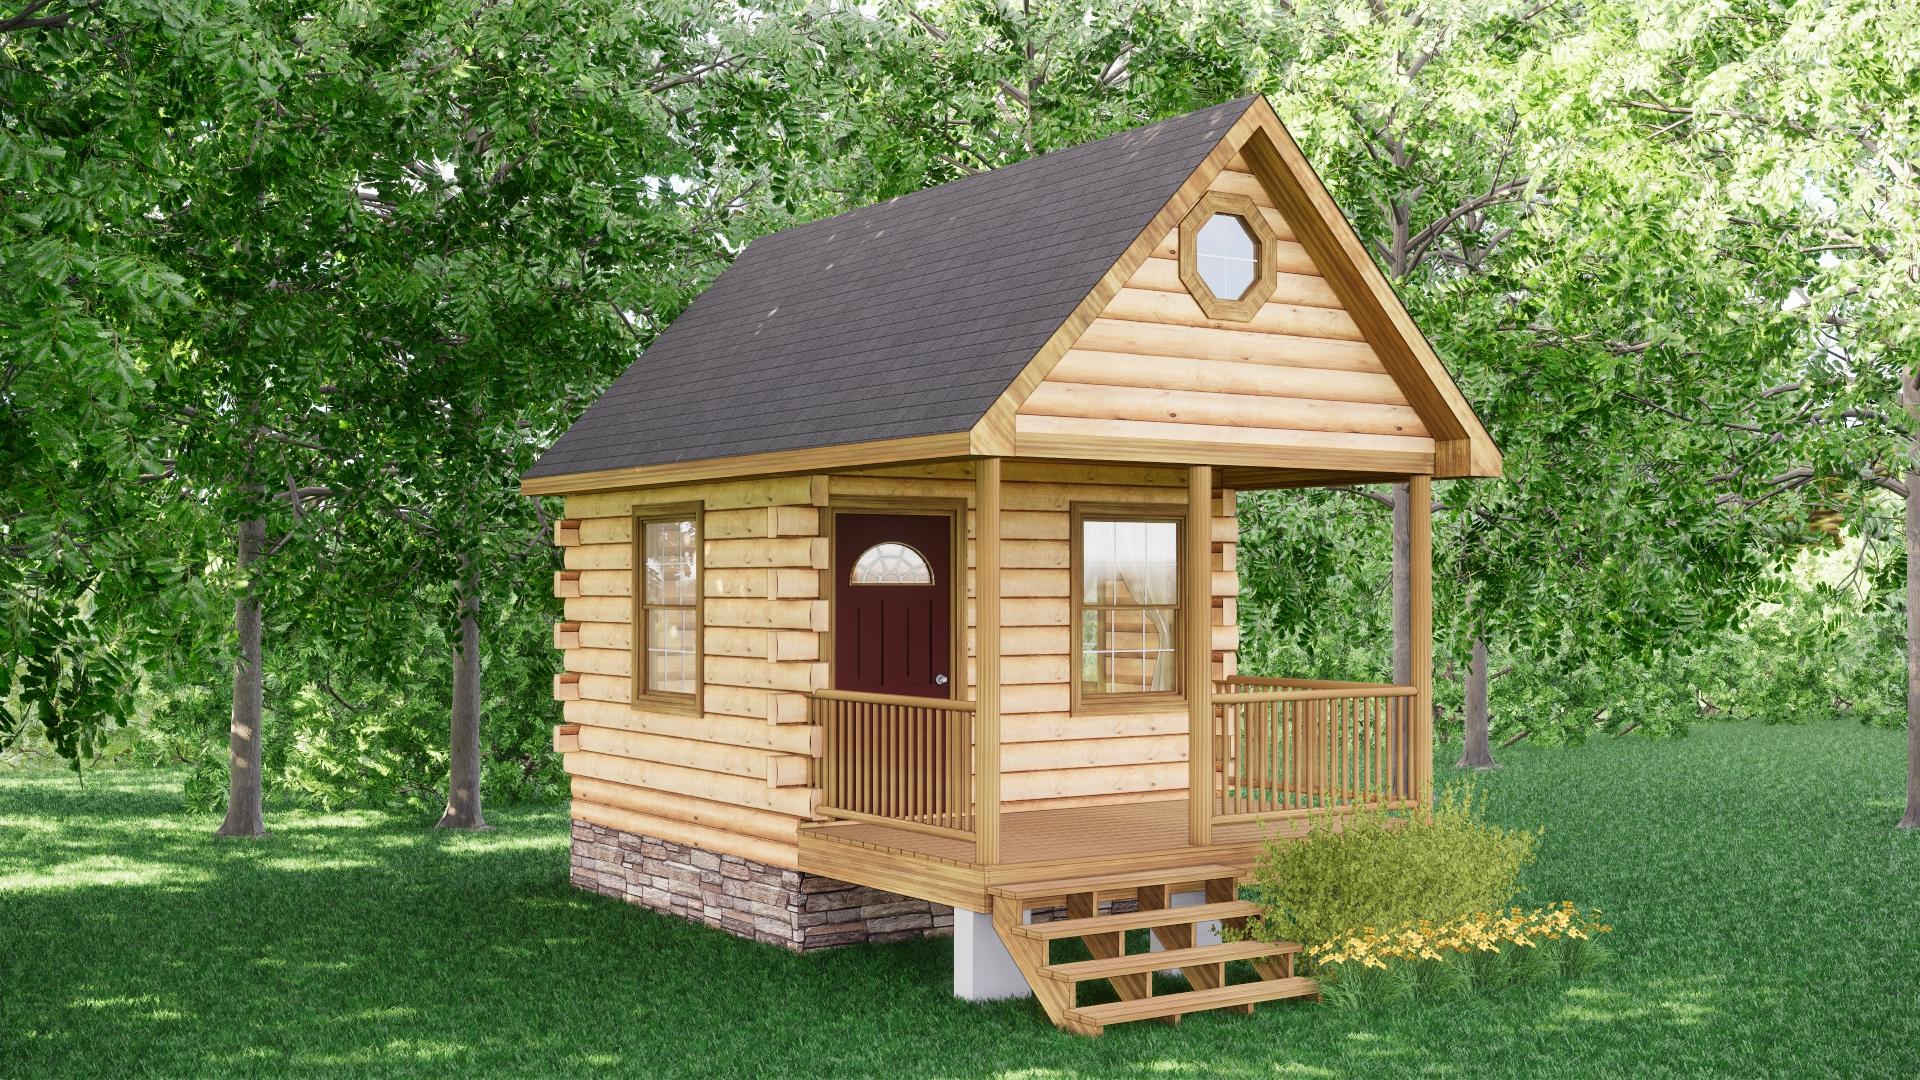 Small Log Cabins - Small Log Cabin Kits 8